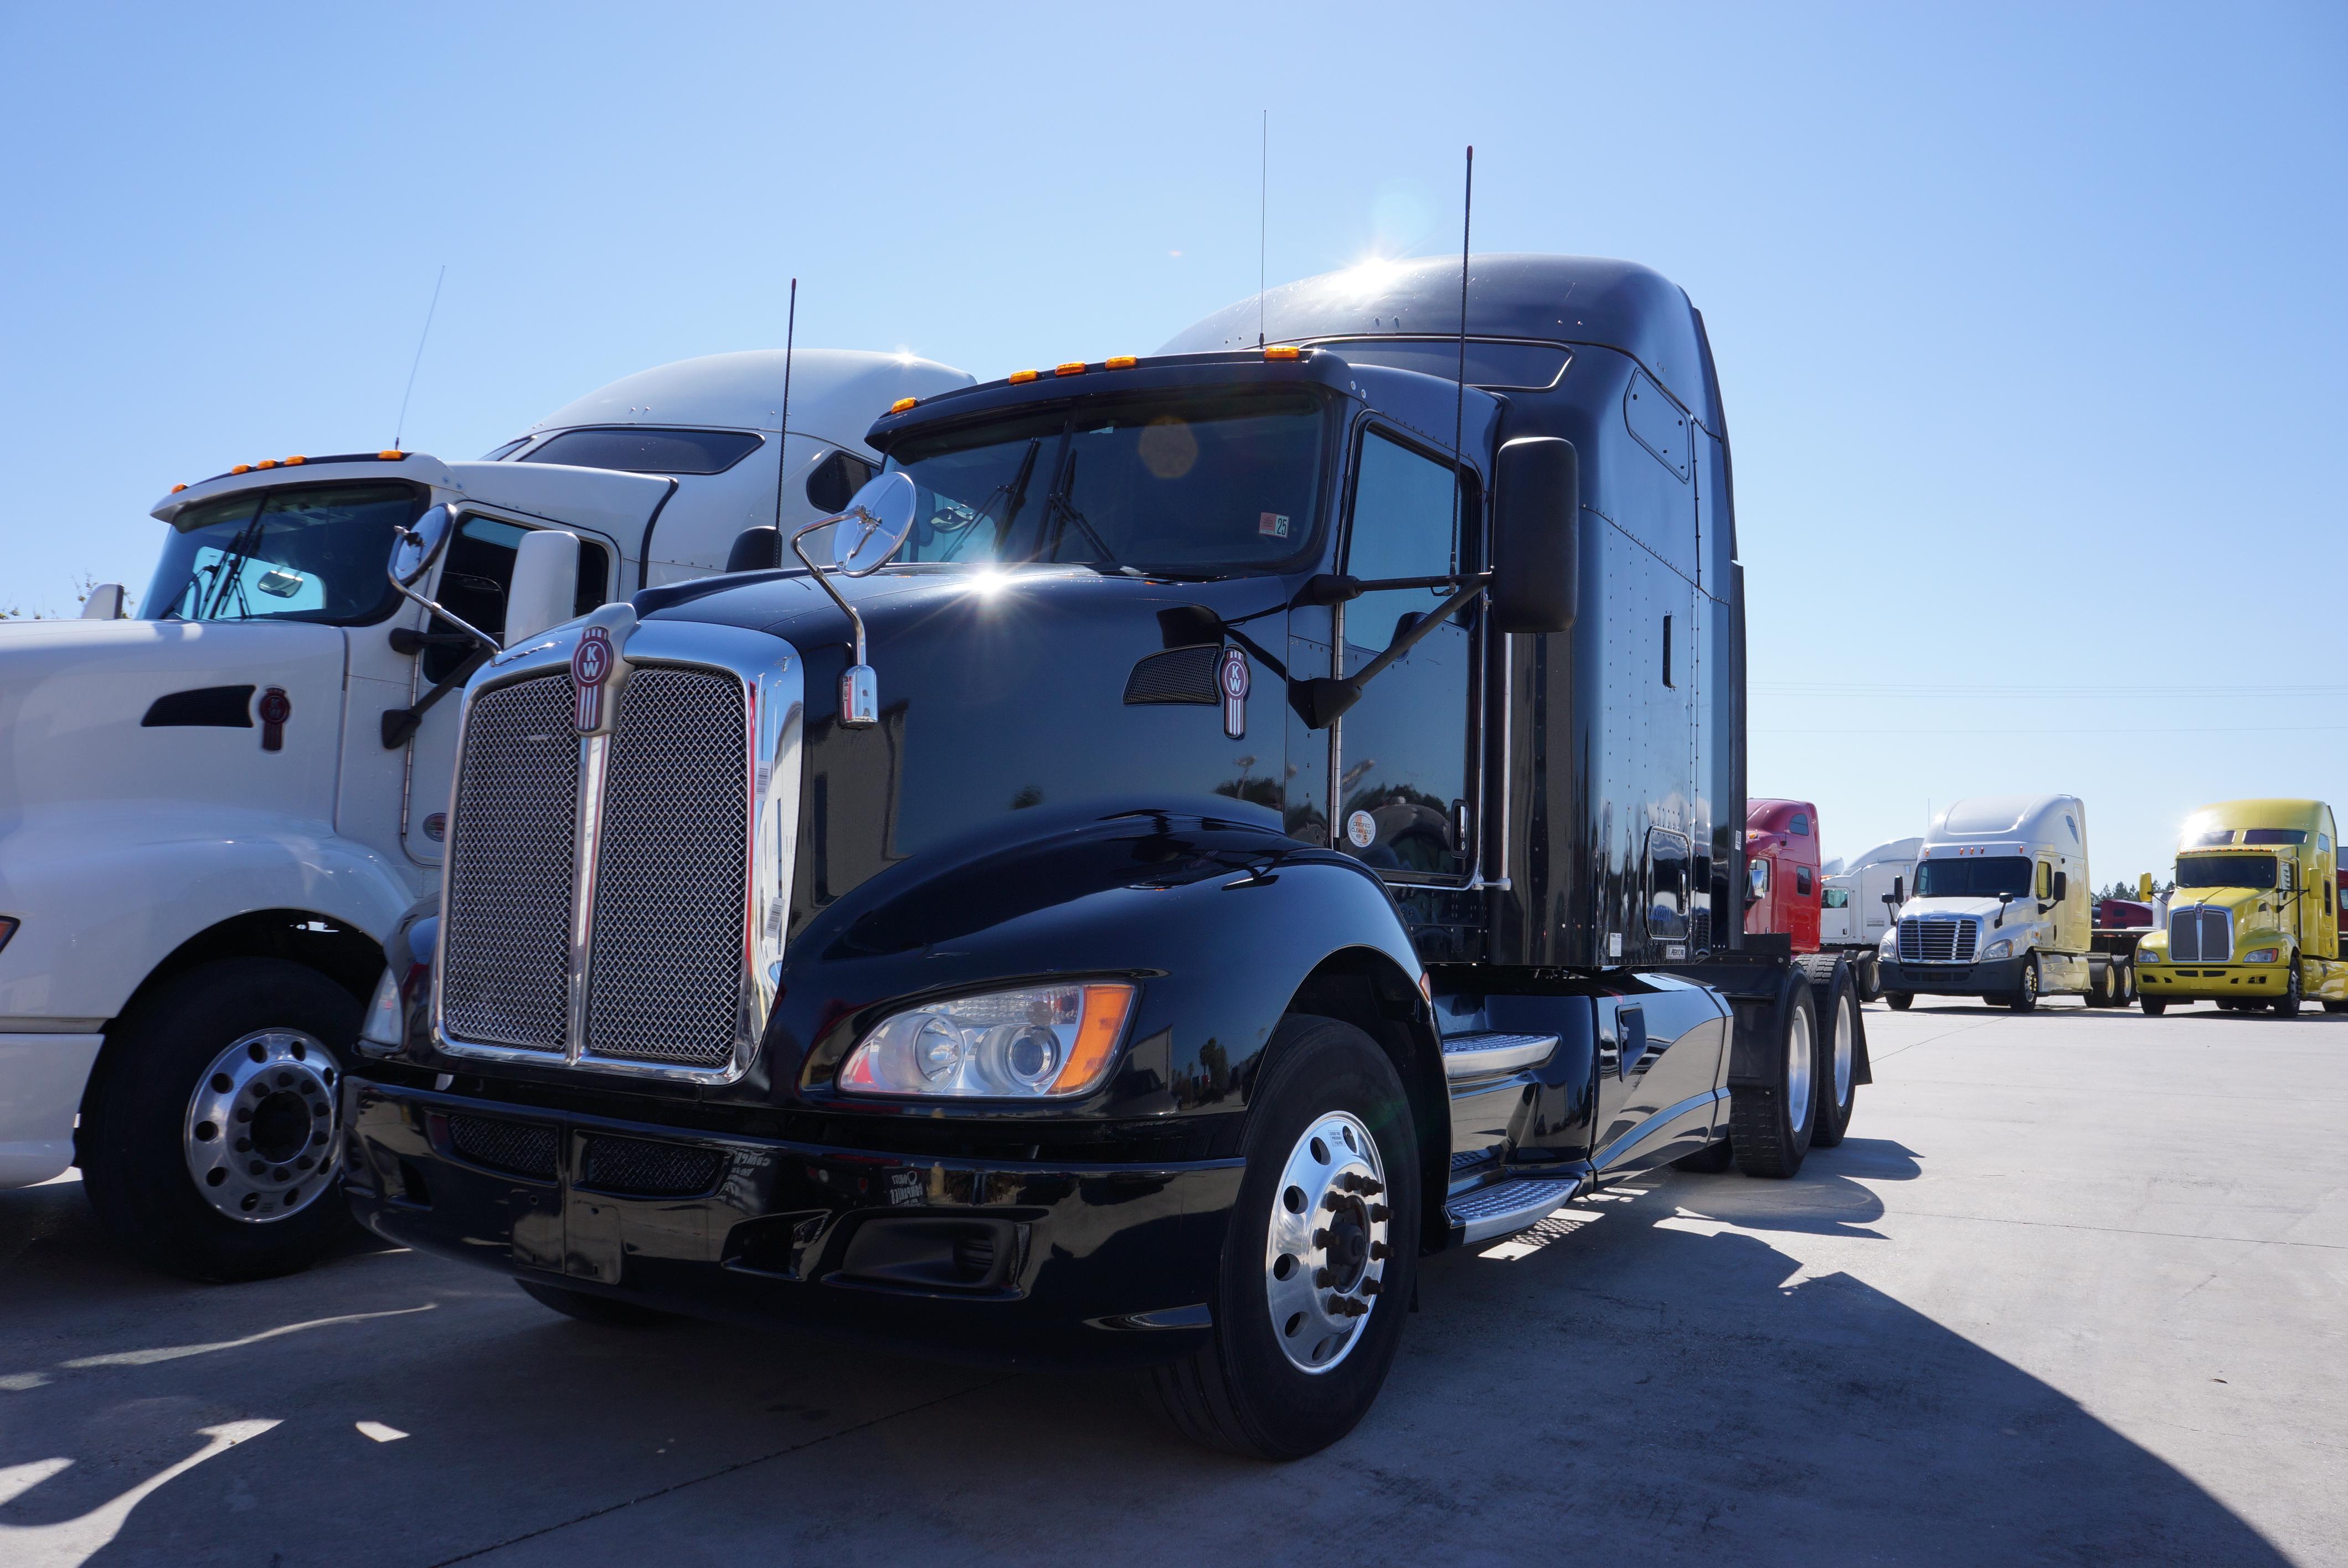 USED 2012 KENWORTH T660 SLEEPER TRUCK #113498